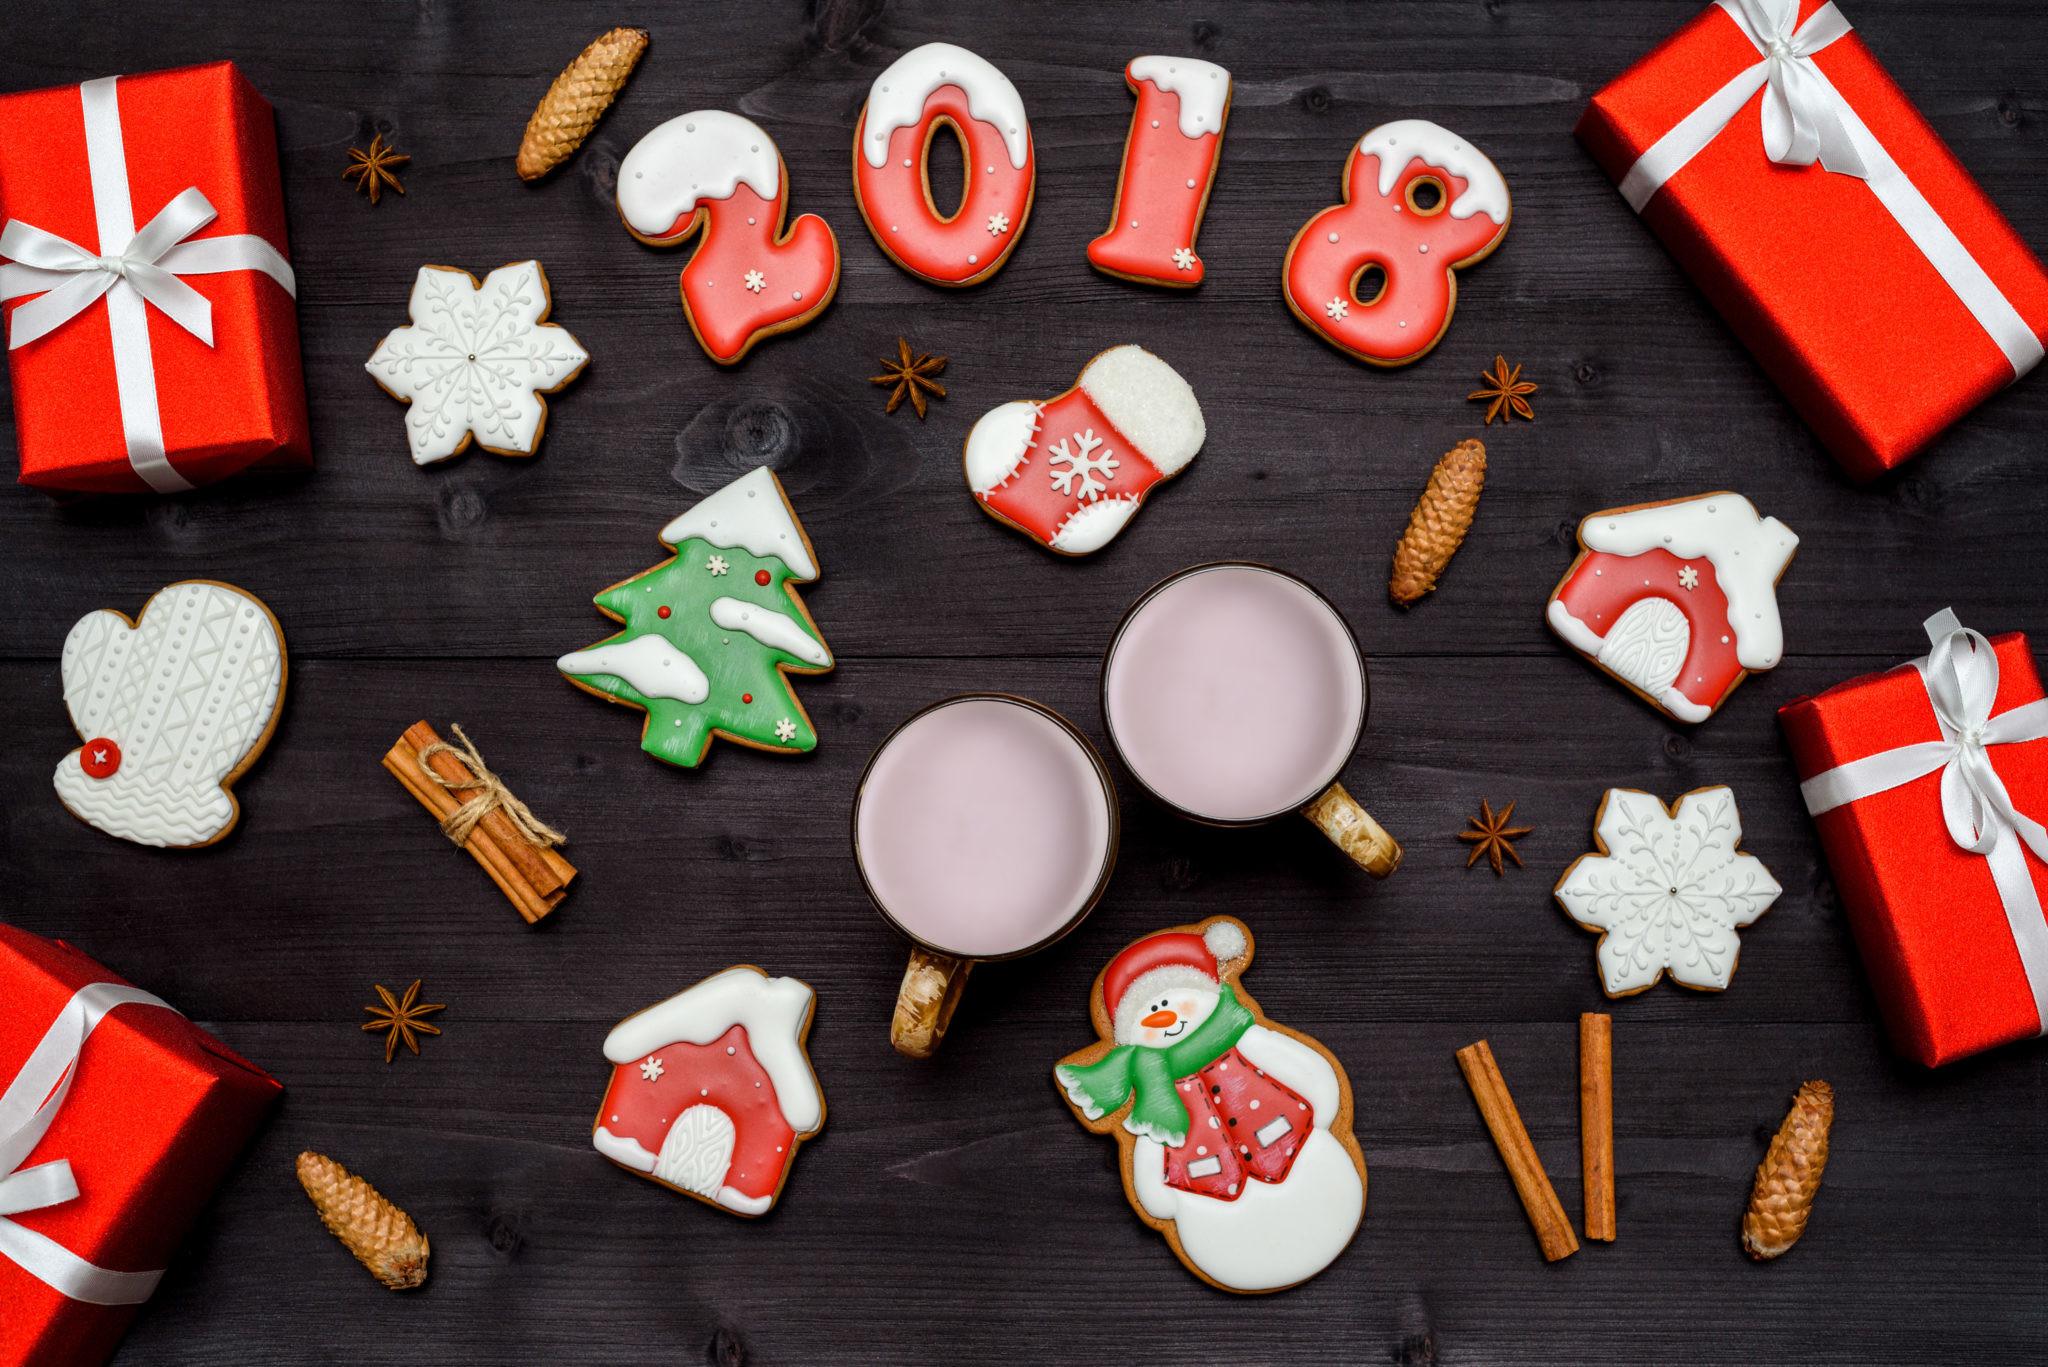 Сладкие подарки на Новый год